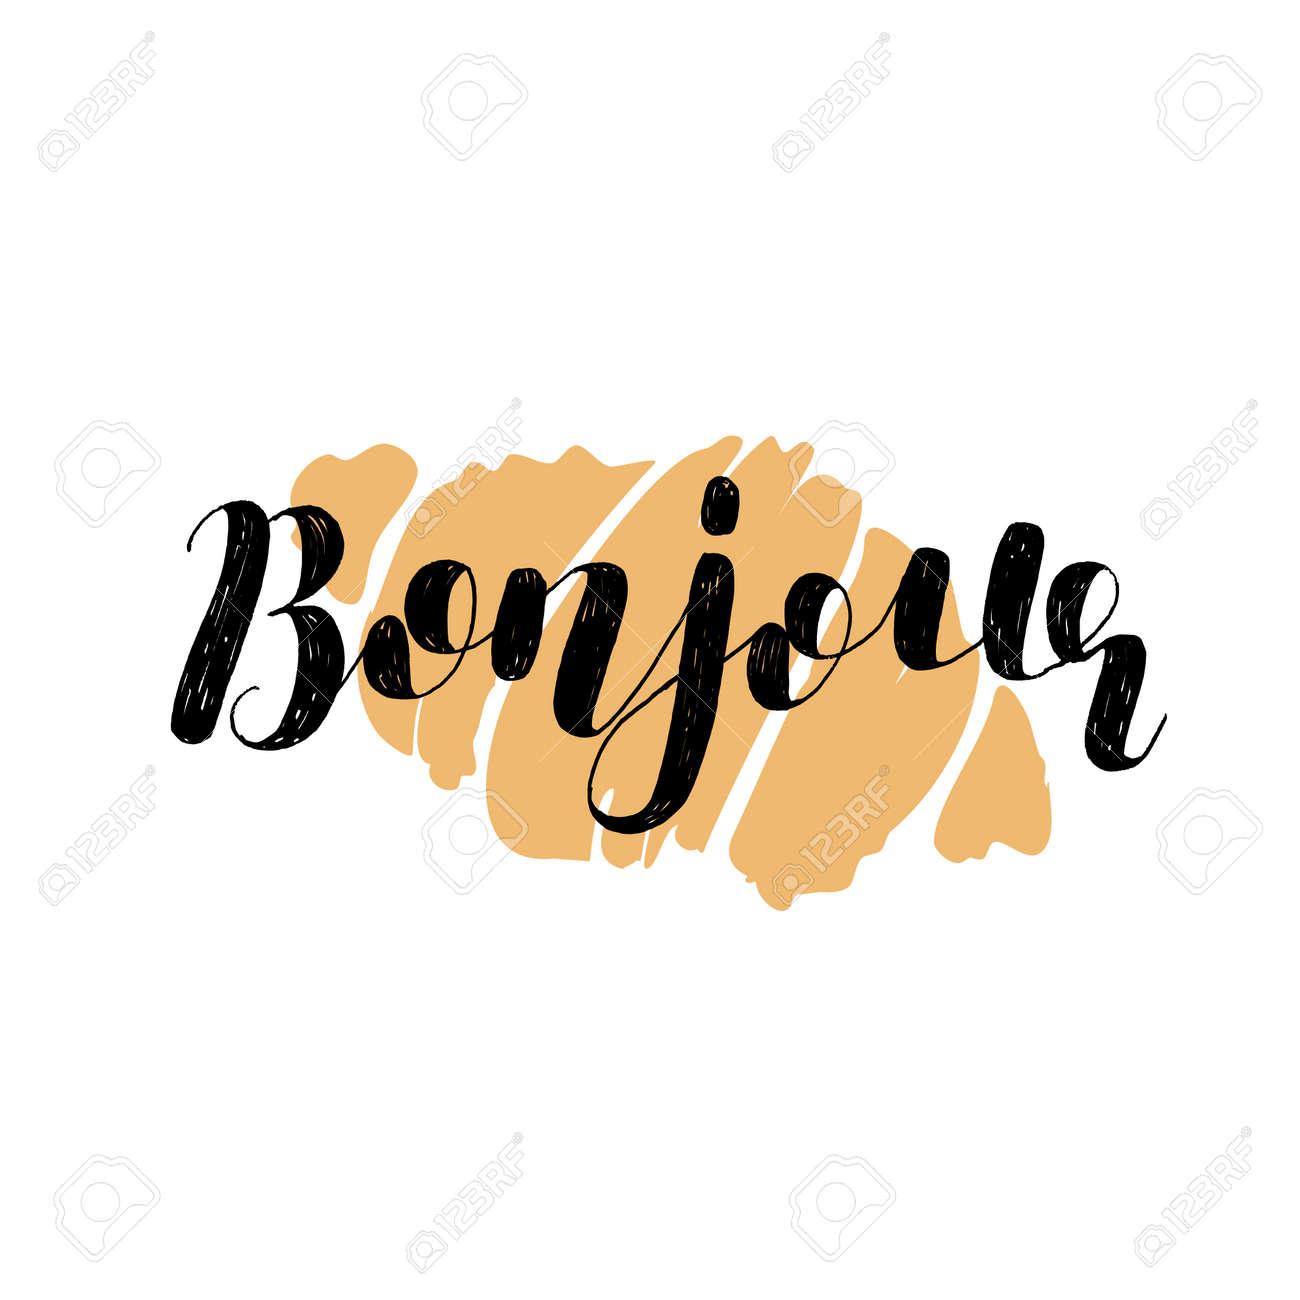 Bonjour. Guten Tag Auf Französisch. Pinsel Hand Schriftzug Vektor ...